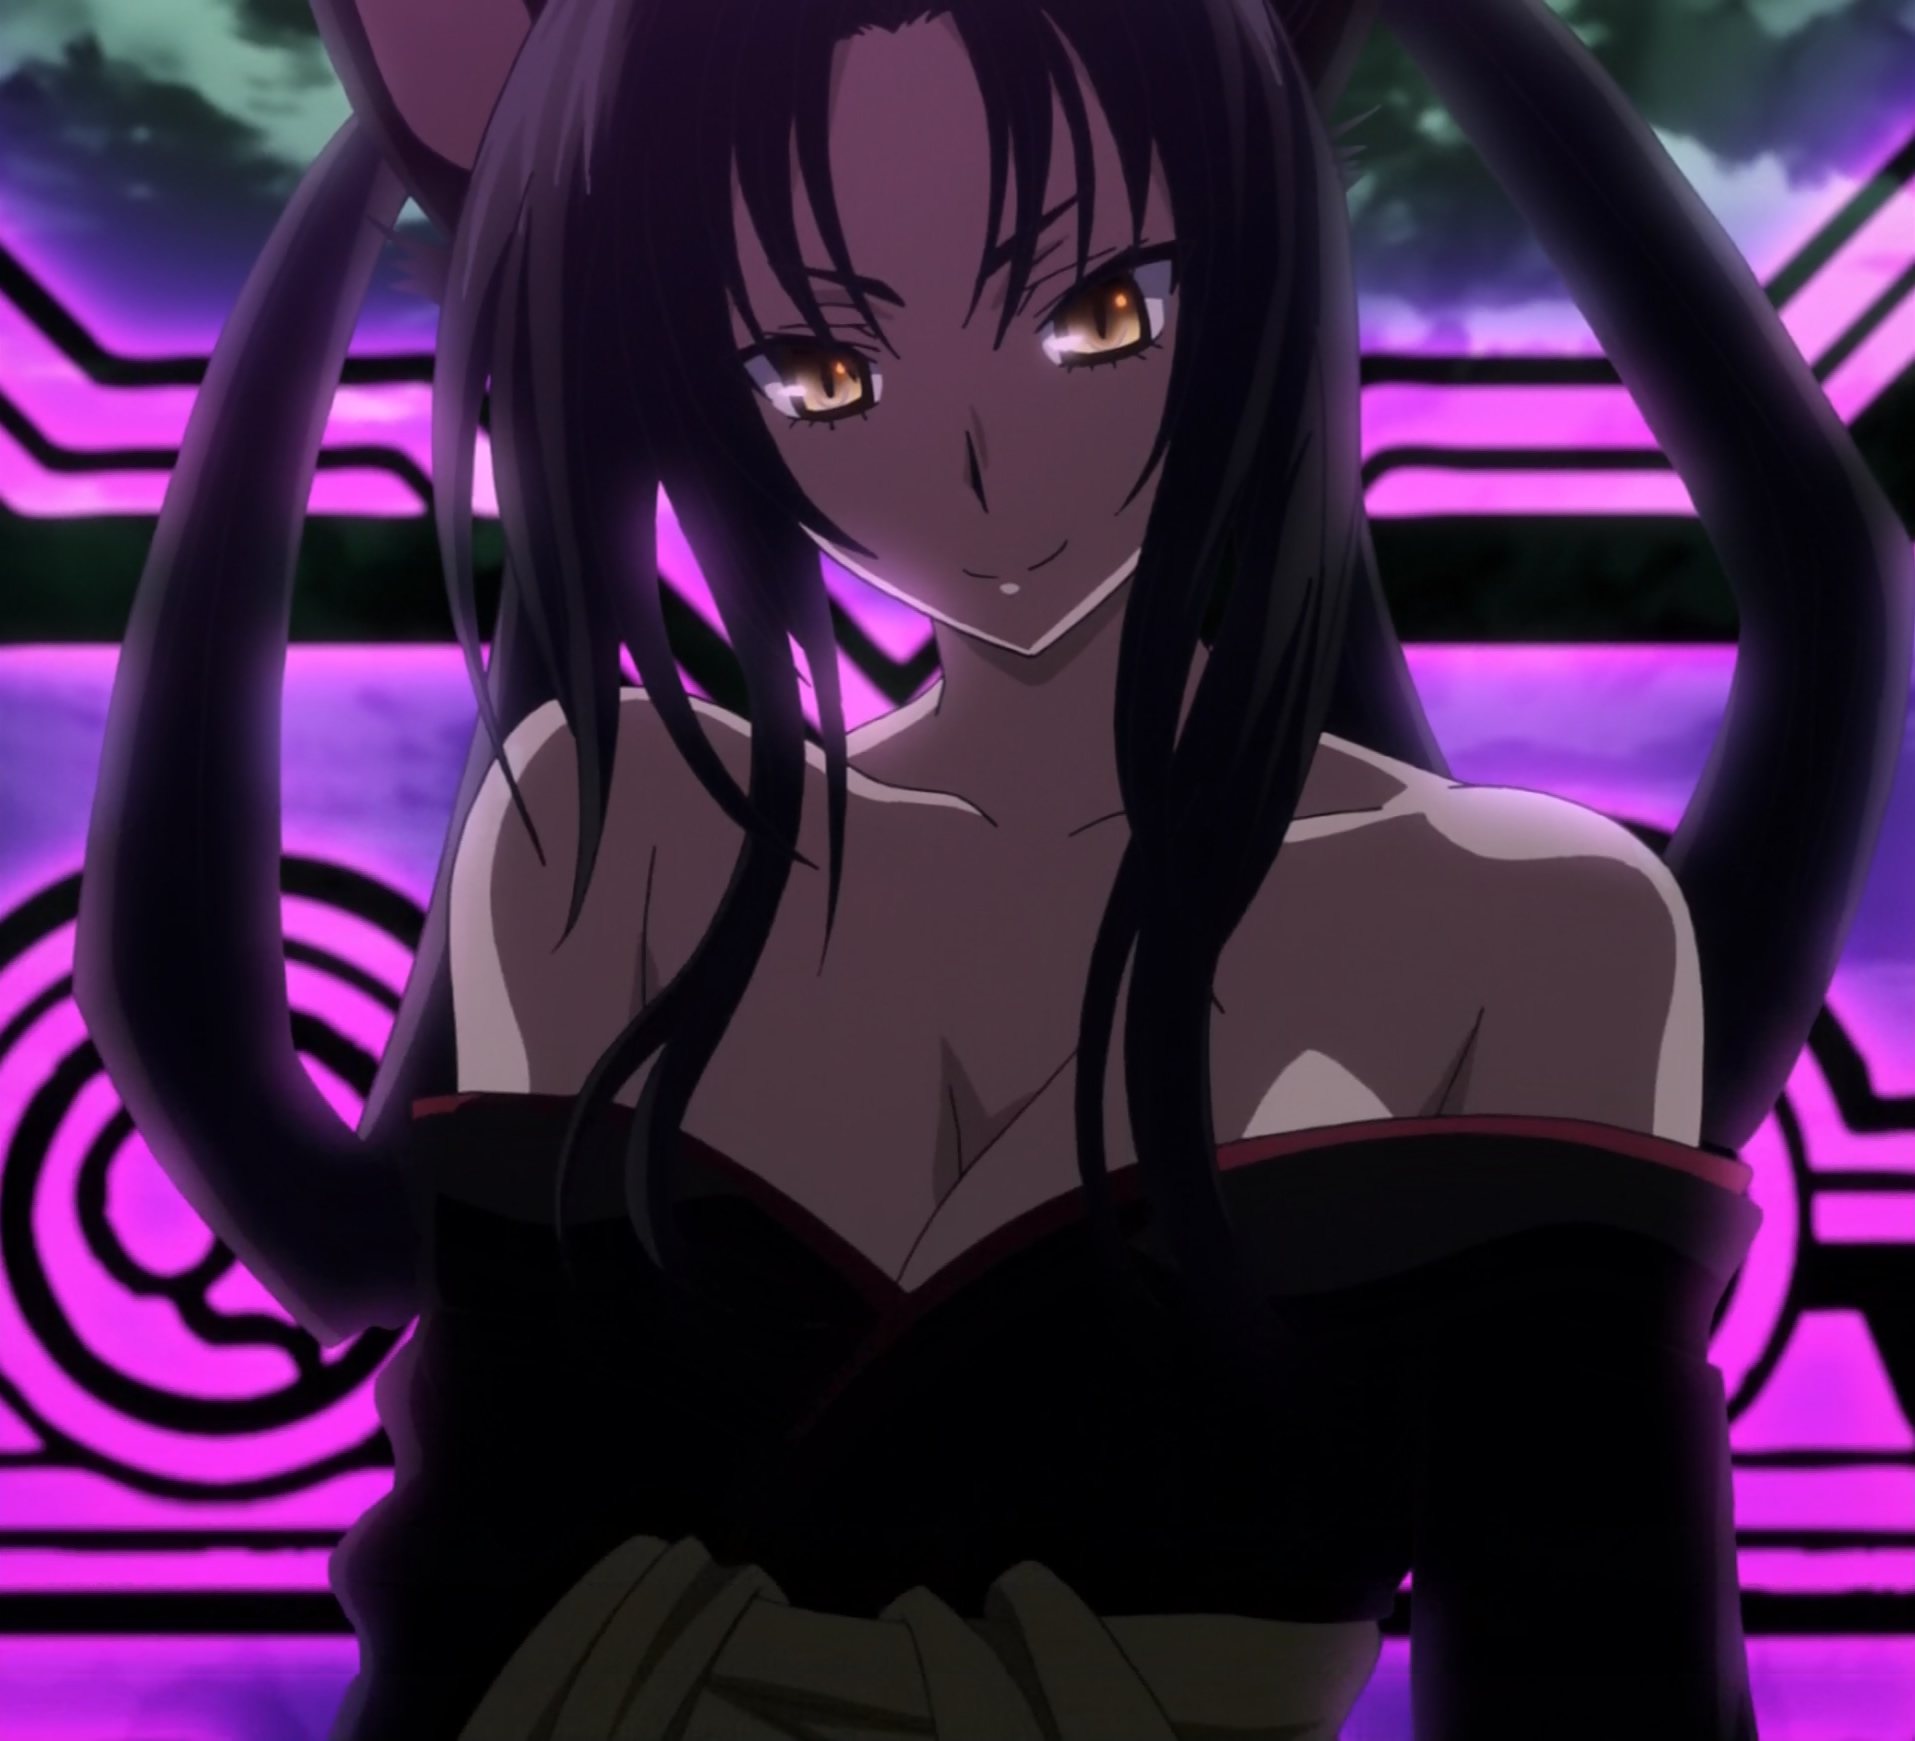 Kuroka (Midnightverse)